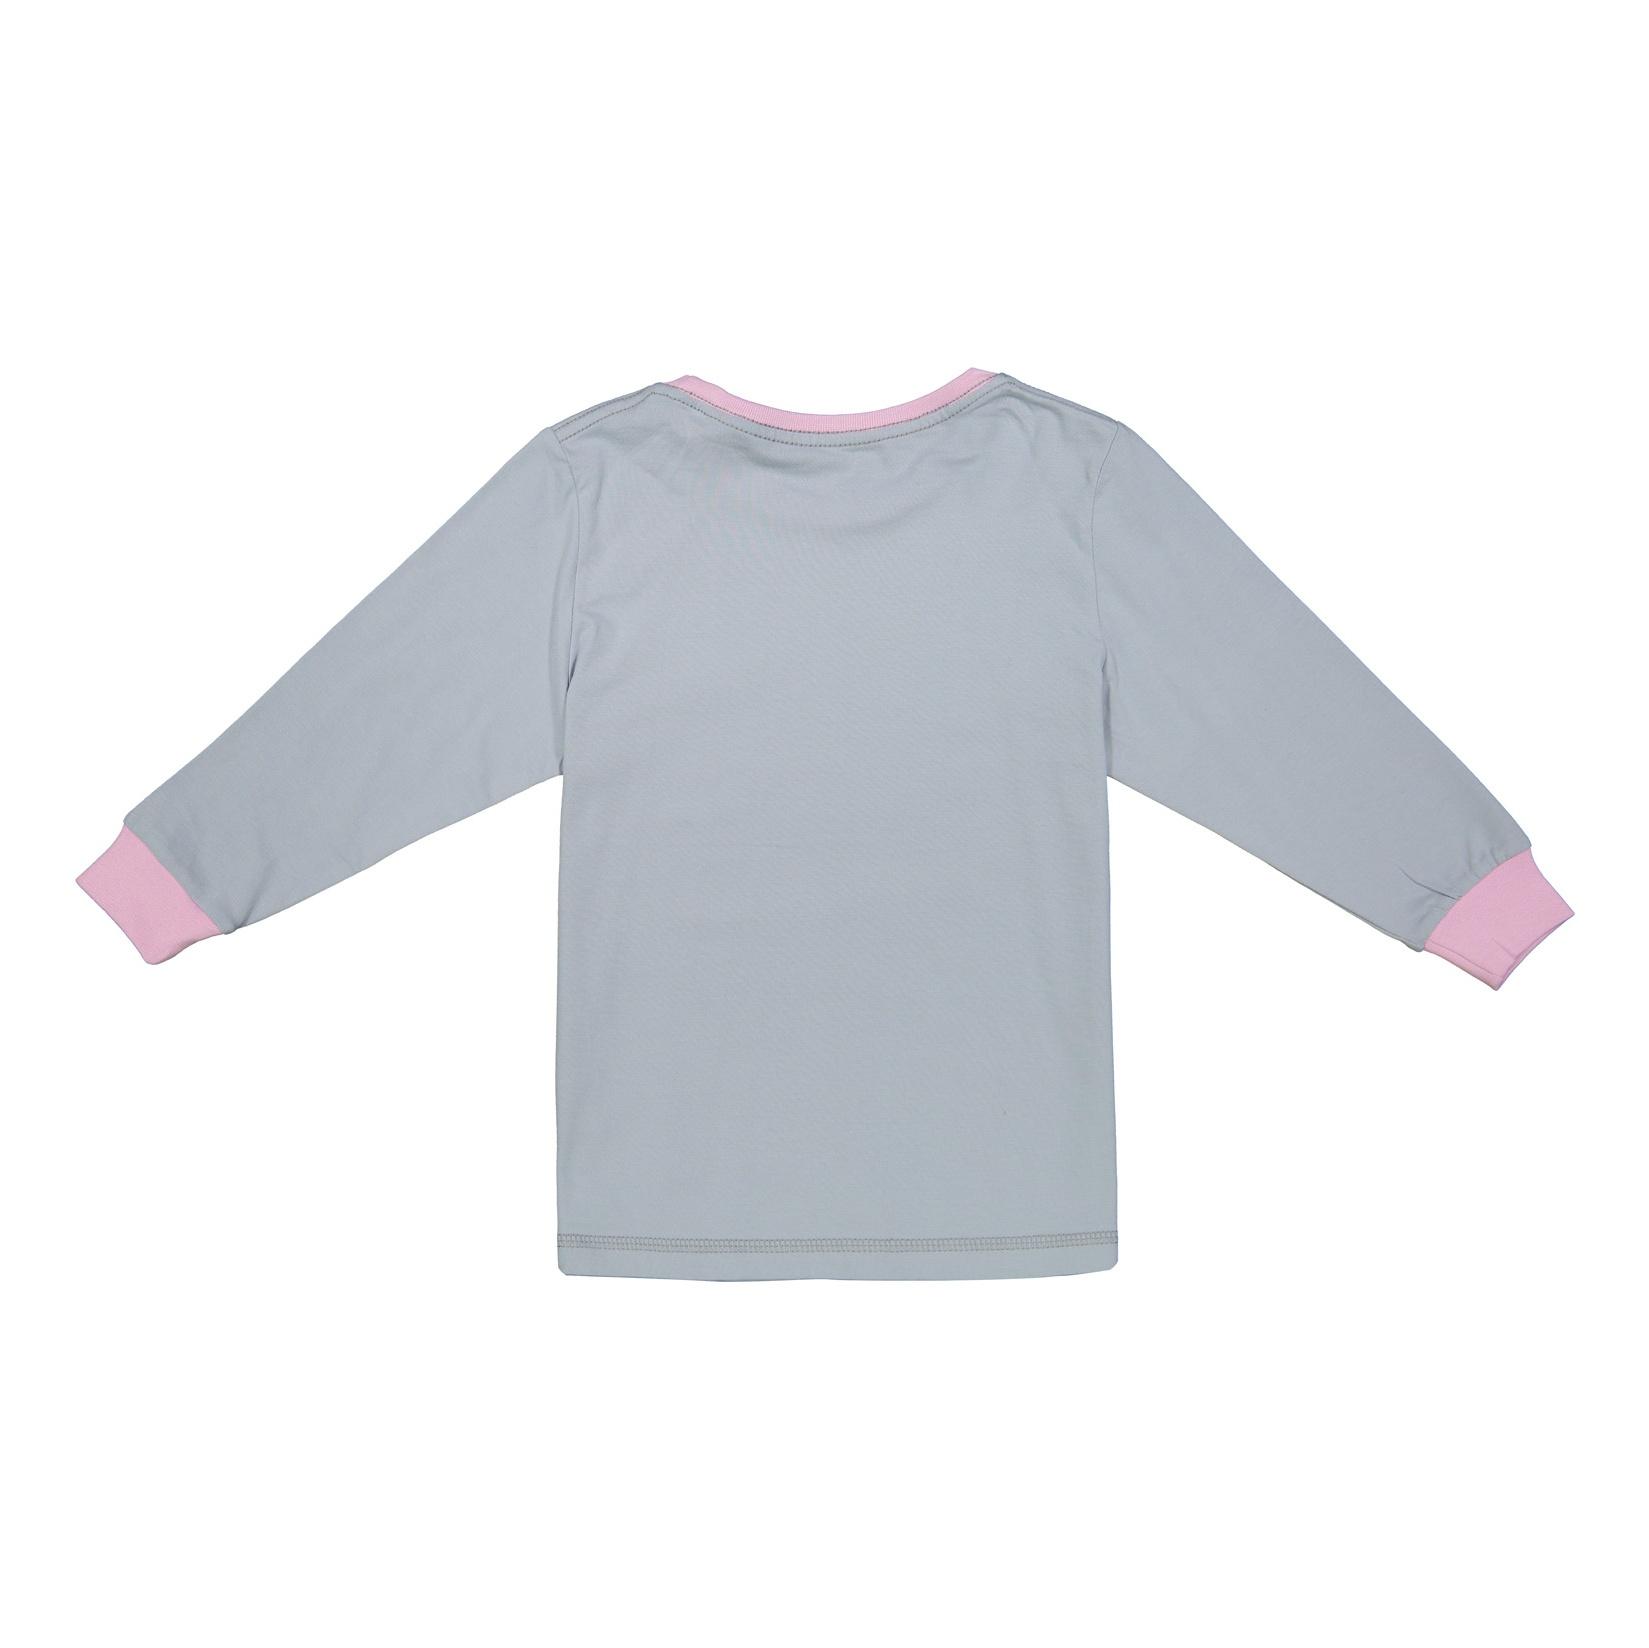 ست تی شرت و شلوار راحتی دخترانه ناربن مدل 1521166-9084